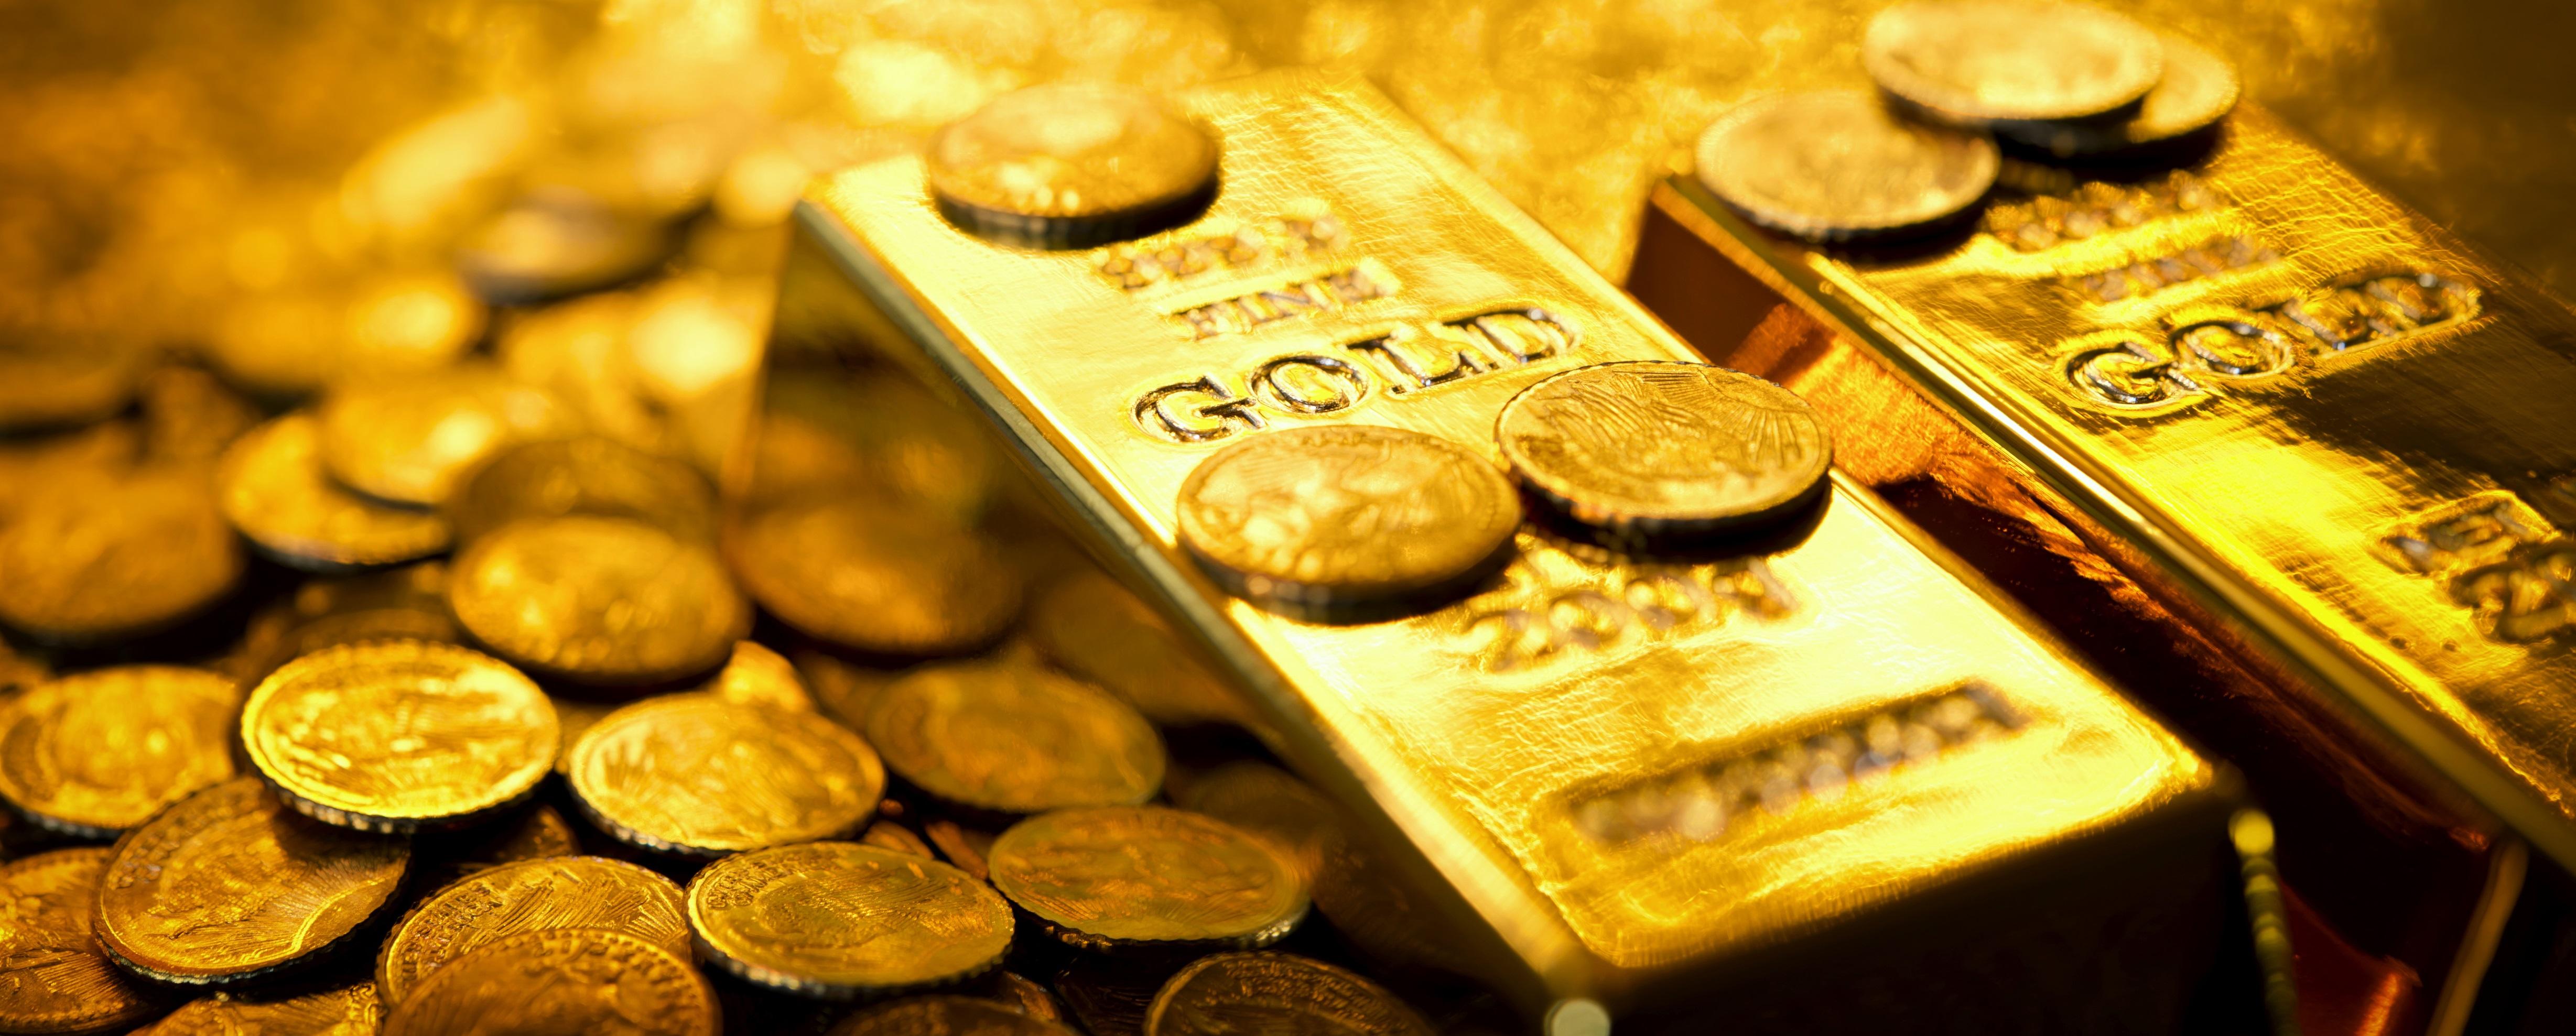 الذهب يرتفع مدعوما بضعف الدولار وفتور توقعات رفع الفائدة الأمريكية